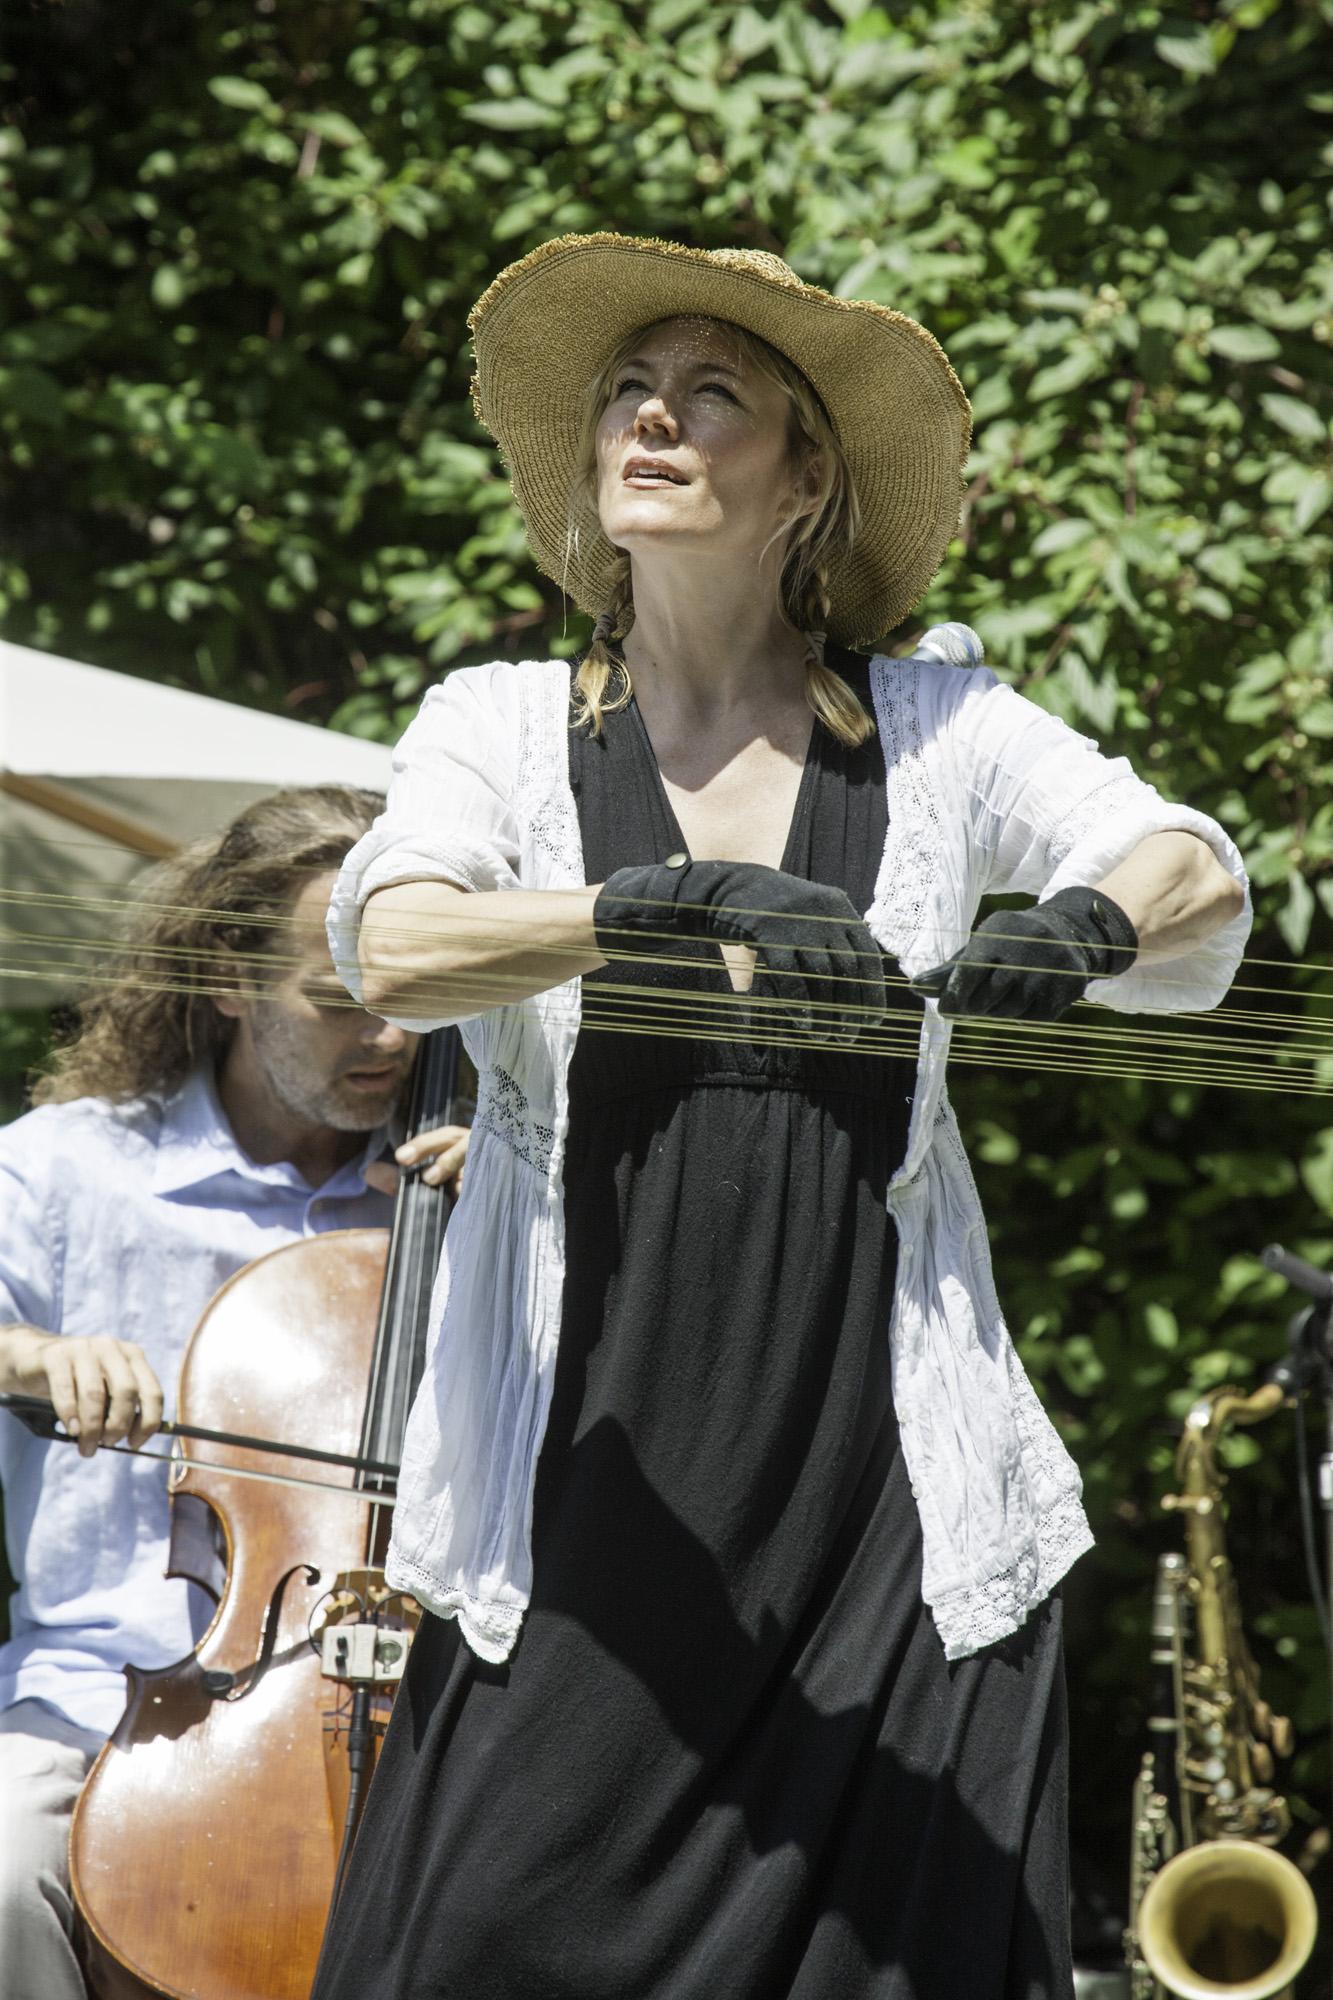 Holly Rothschild on strings 010.jpg